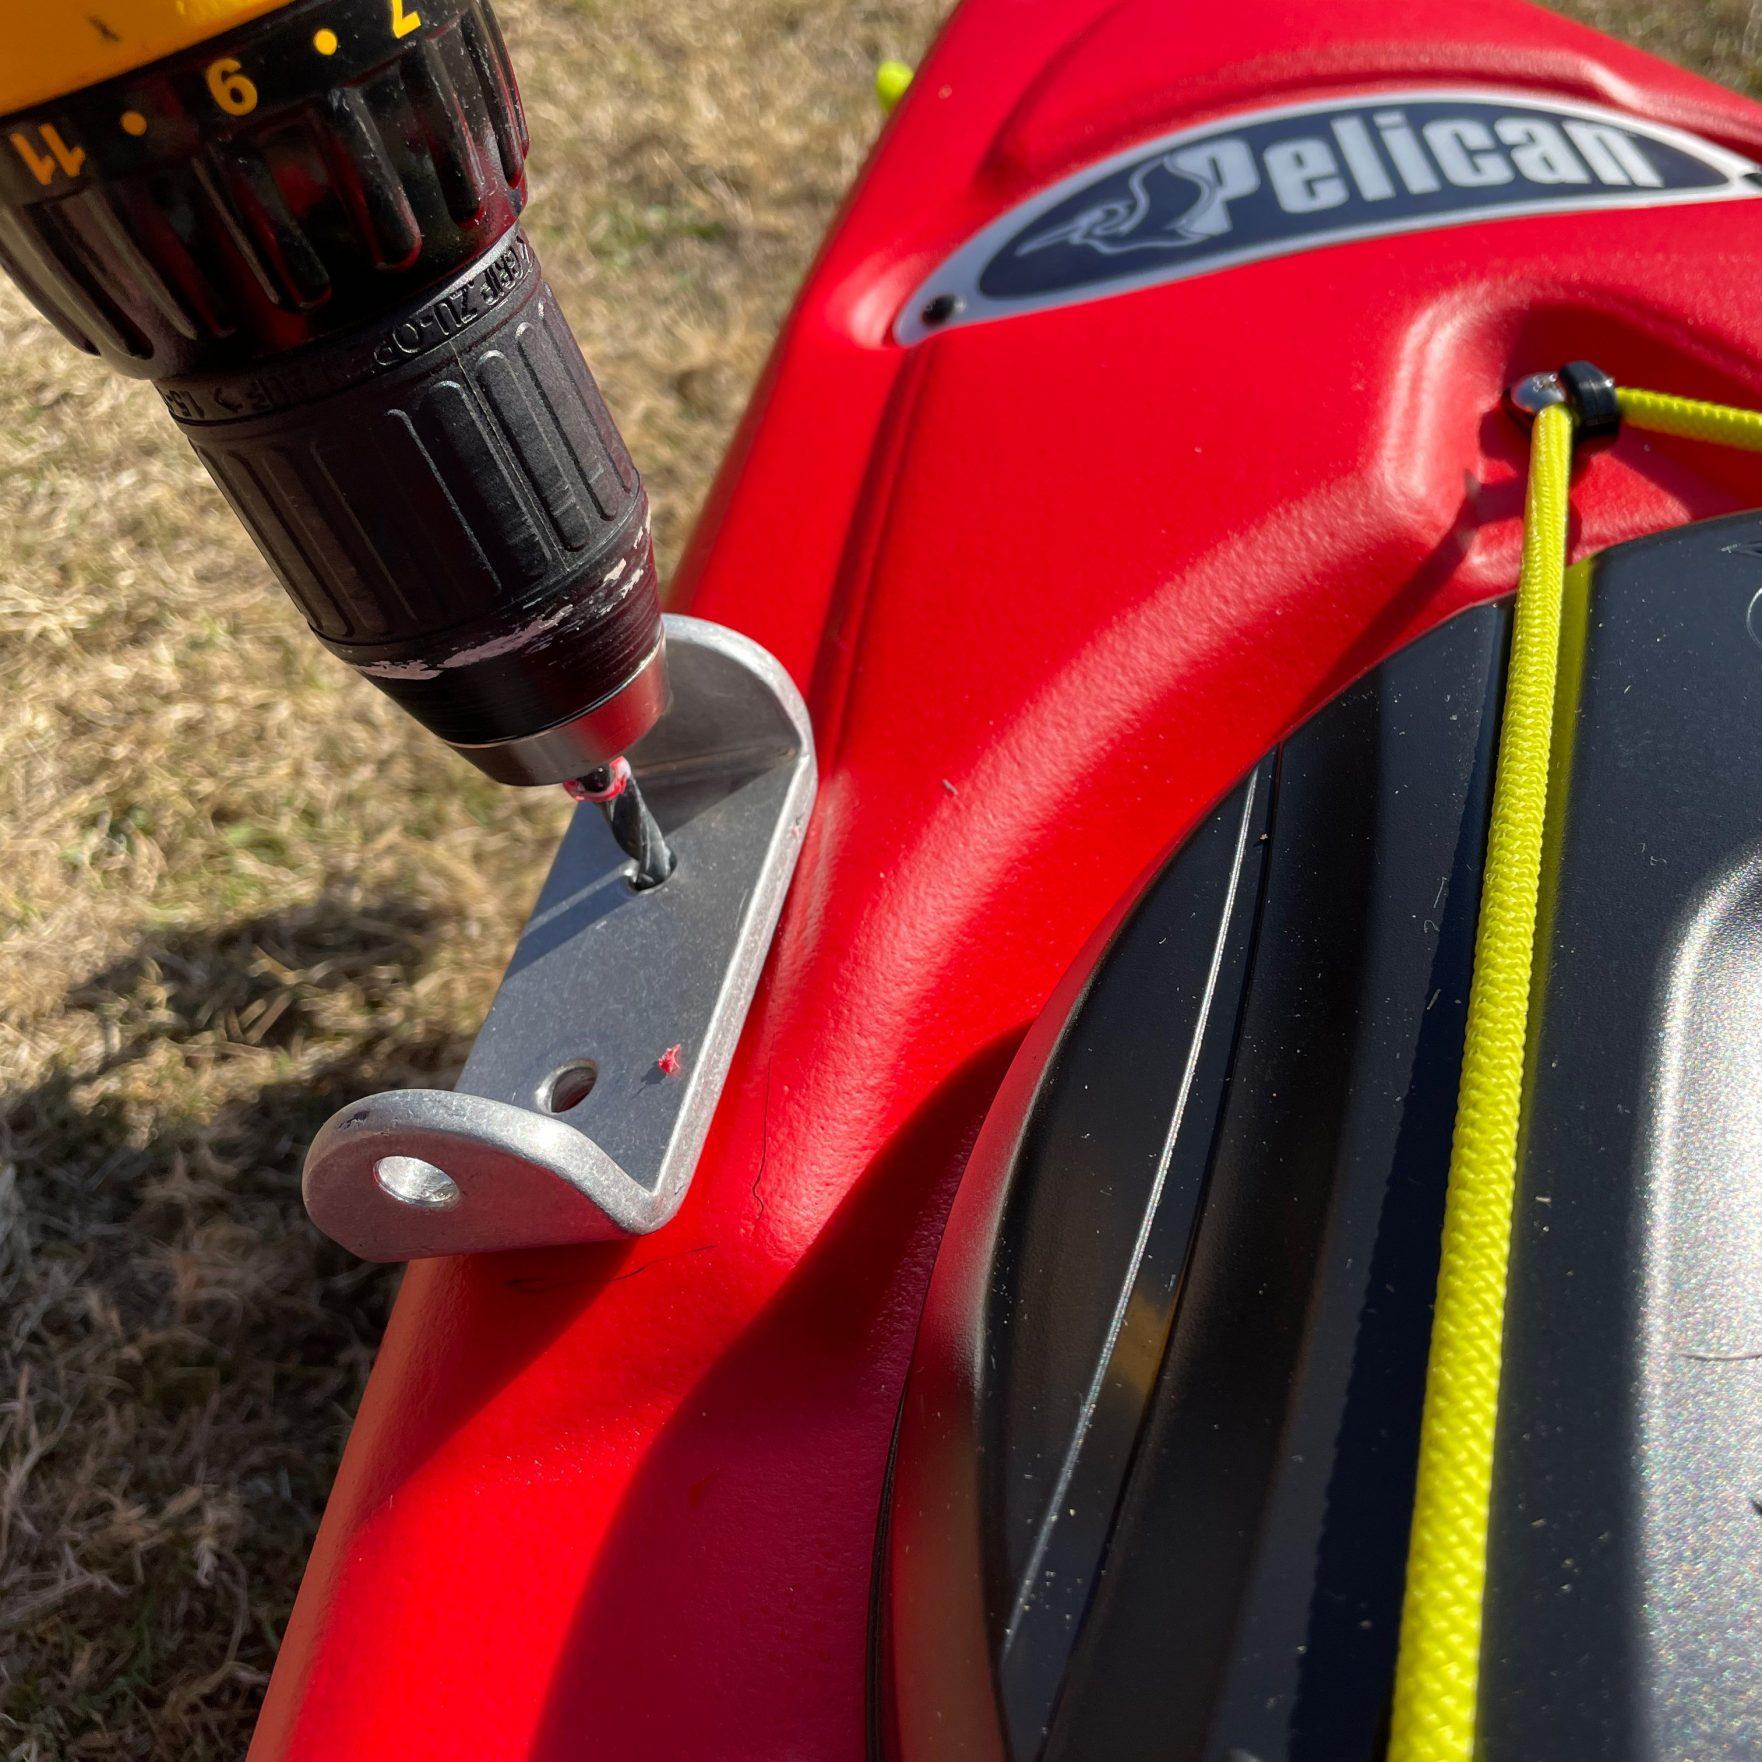 Bold Ivy Kayak Stabilizer Installation - Step 8